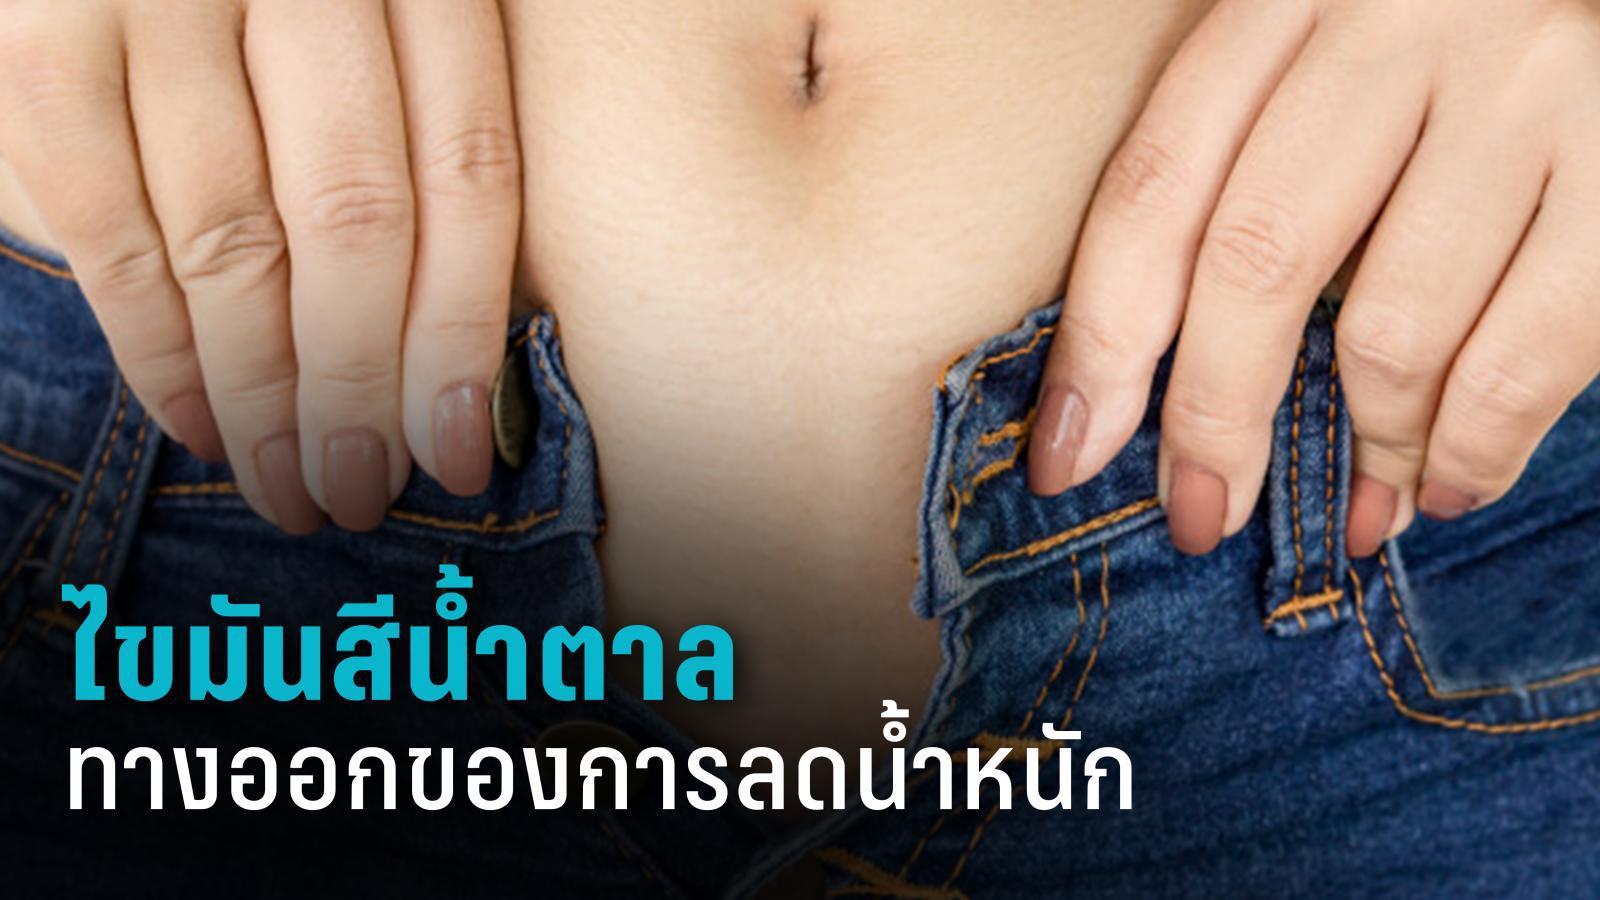 ไขมันสีน้ำตาล ทางออกของการลดน้ำหนัก